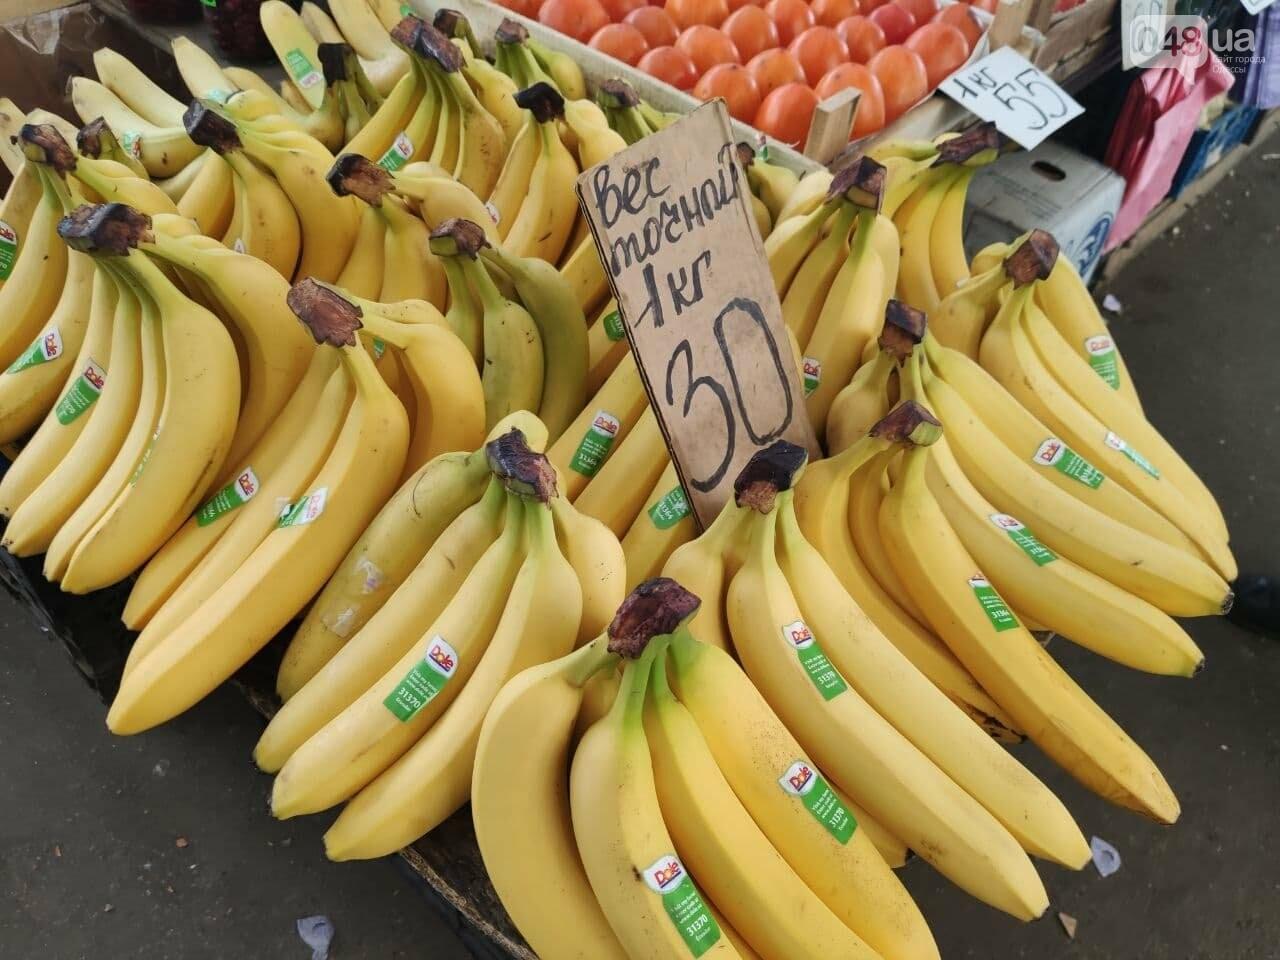 Ананасы, авокадо, редис: какие цены на овощи и фрукты на одесском Привозе, - ФОТО, фото-4